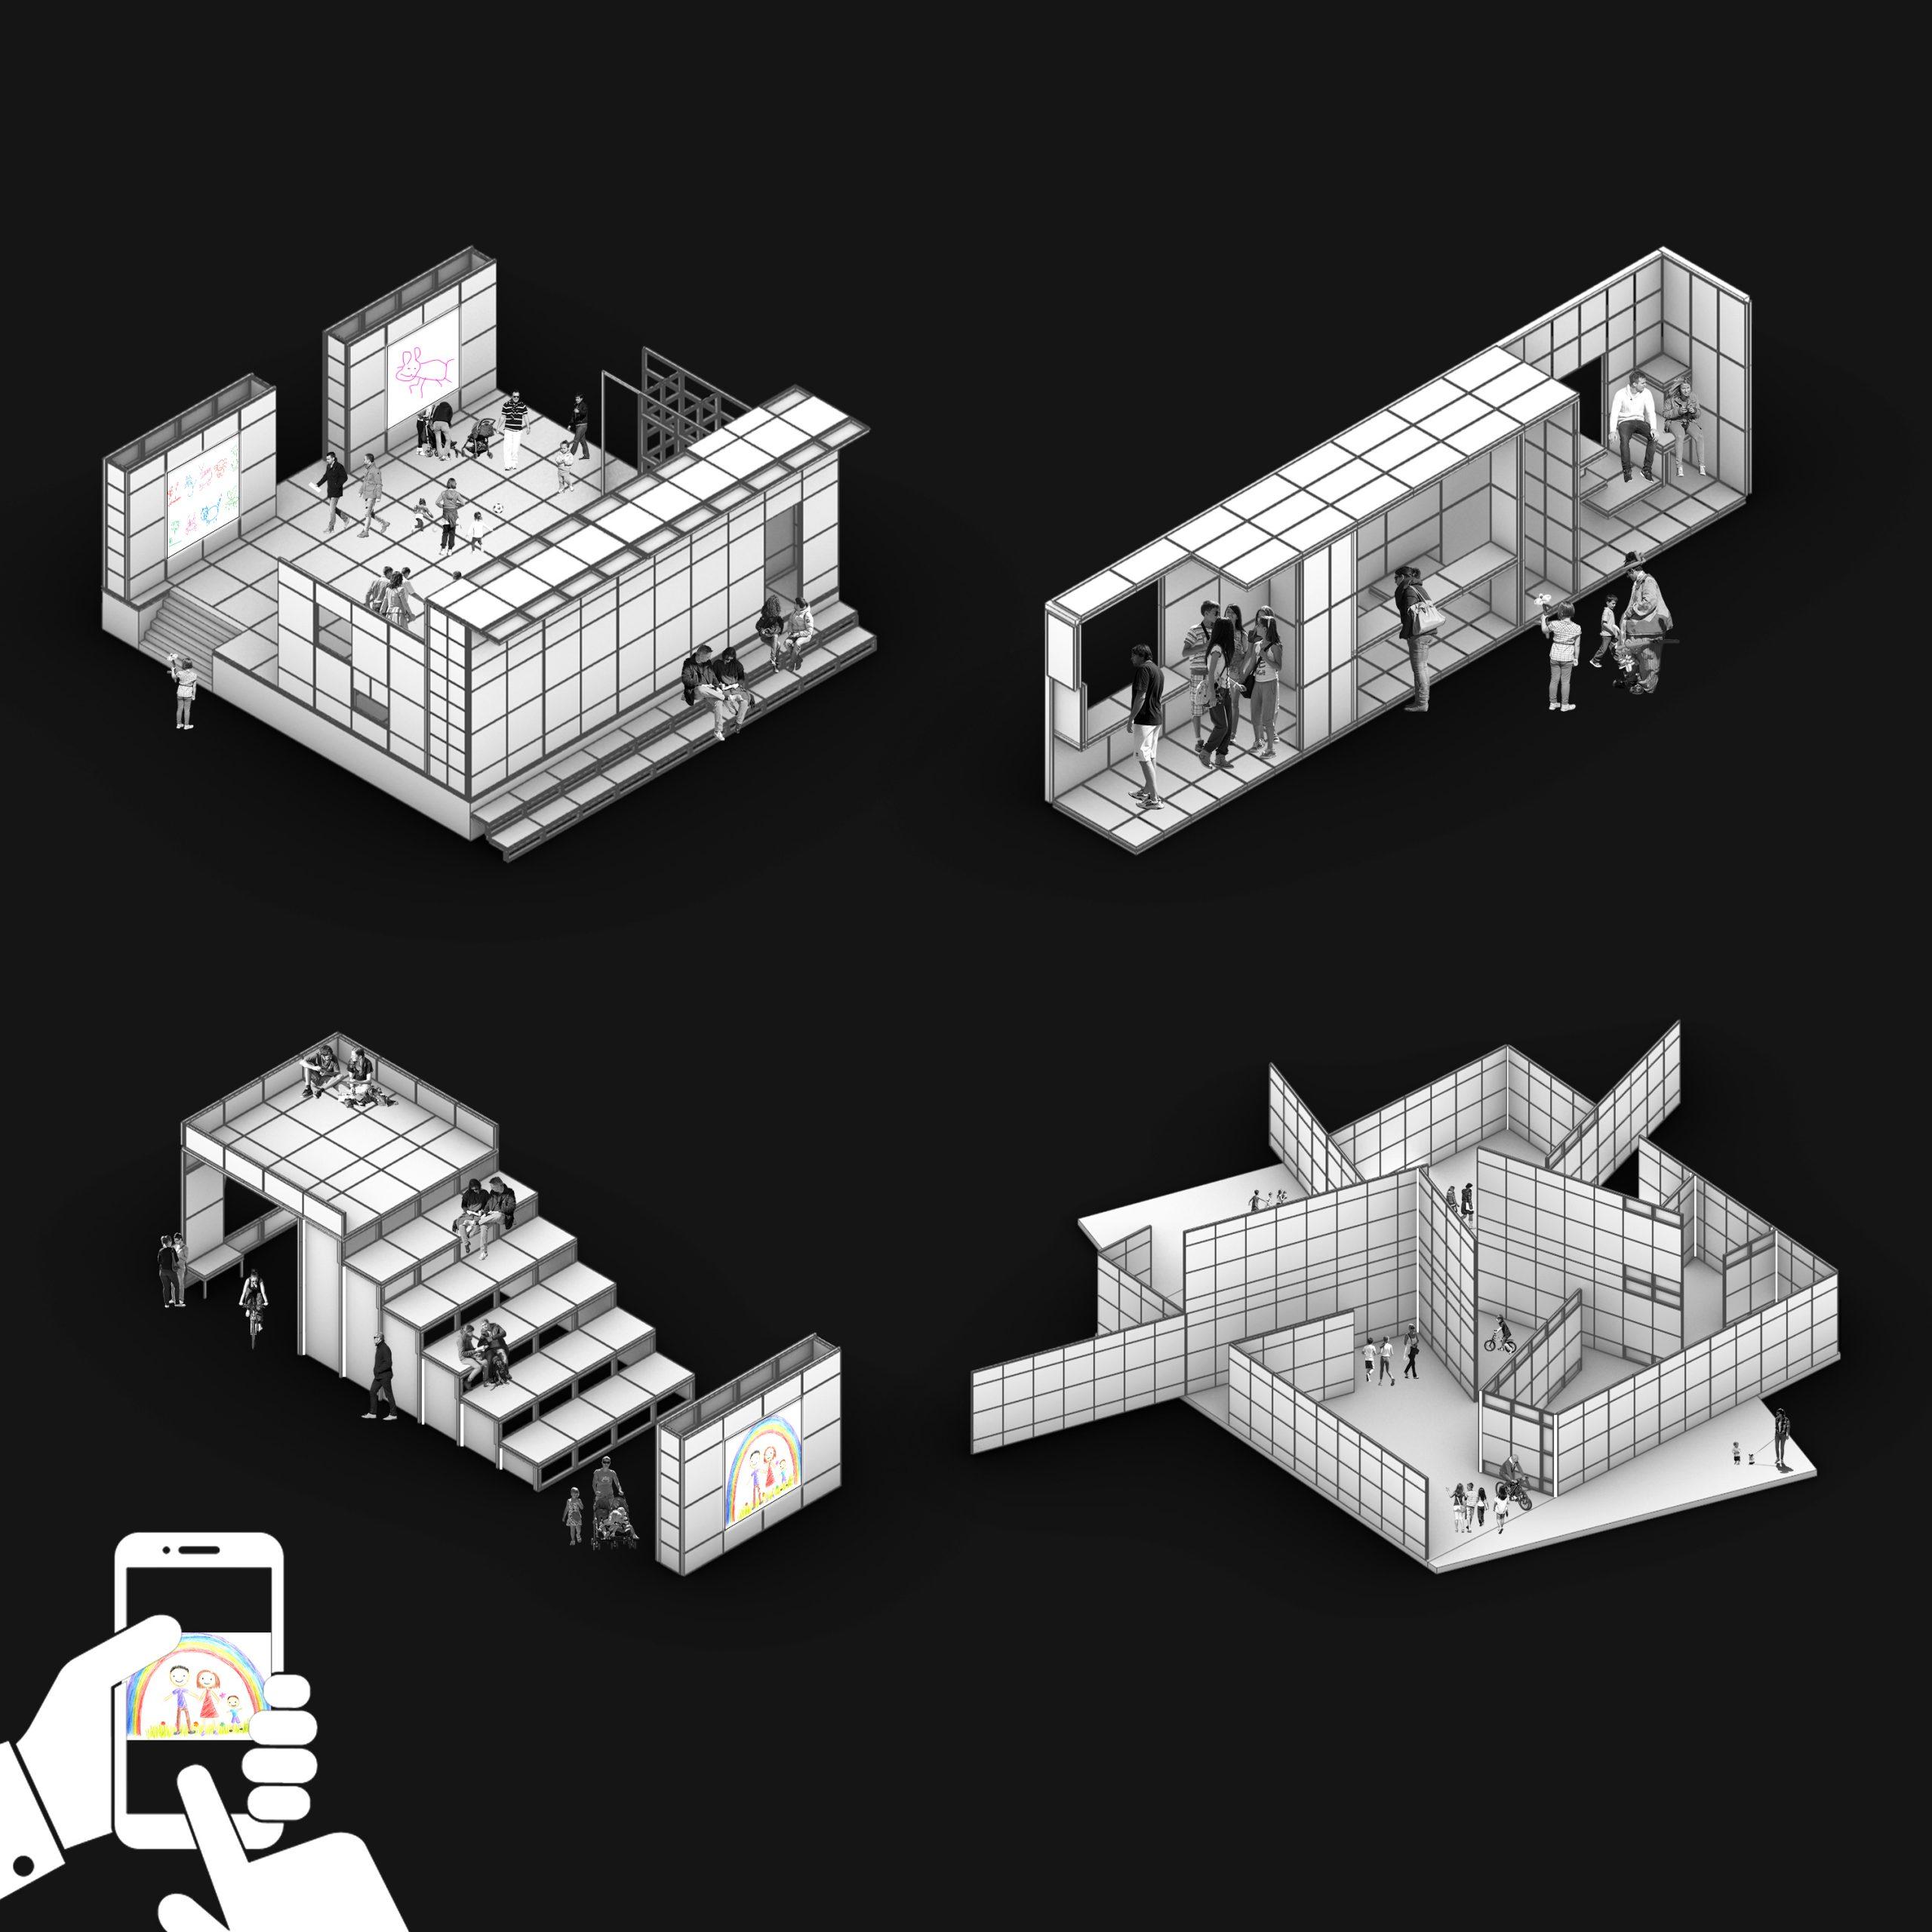 Design_m9642